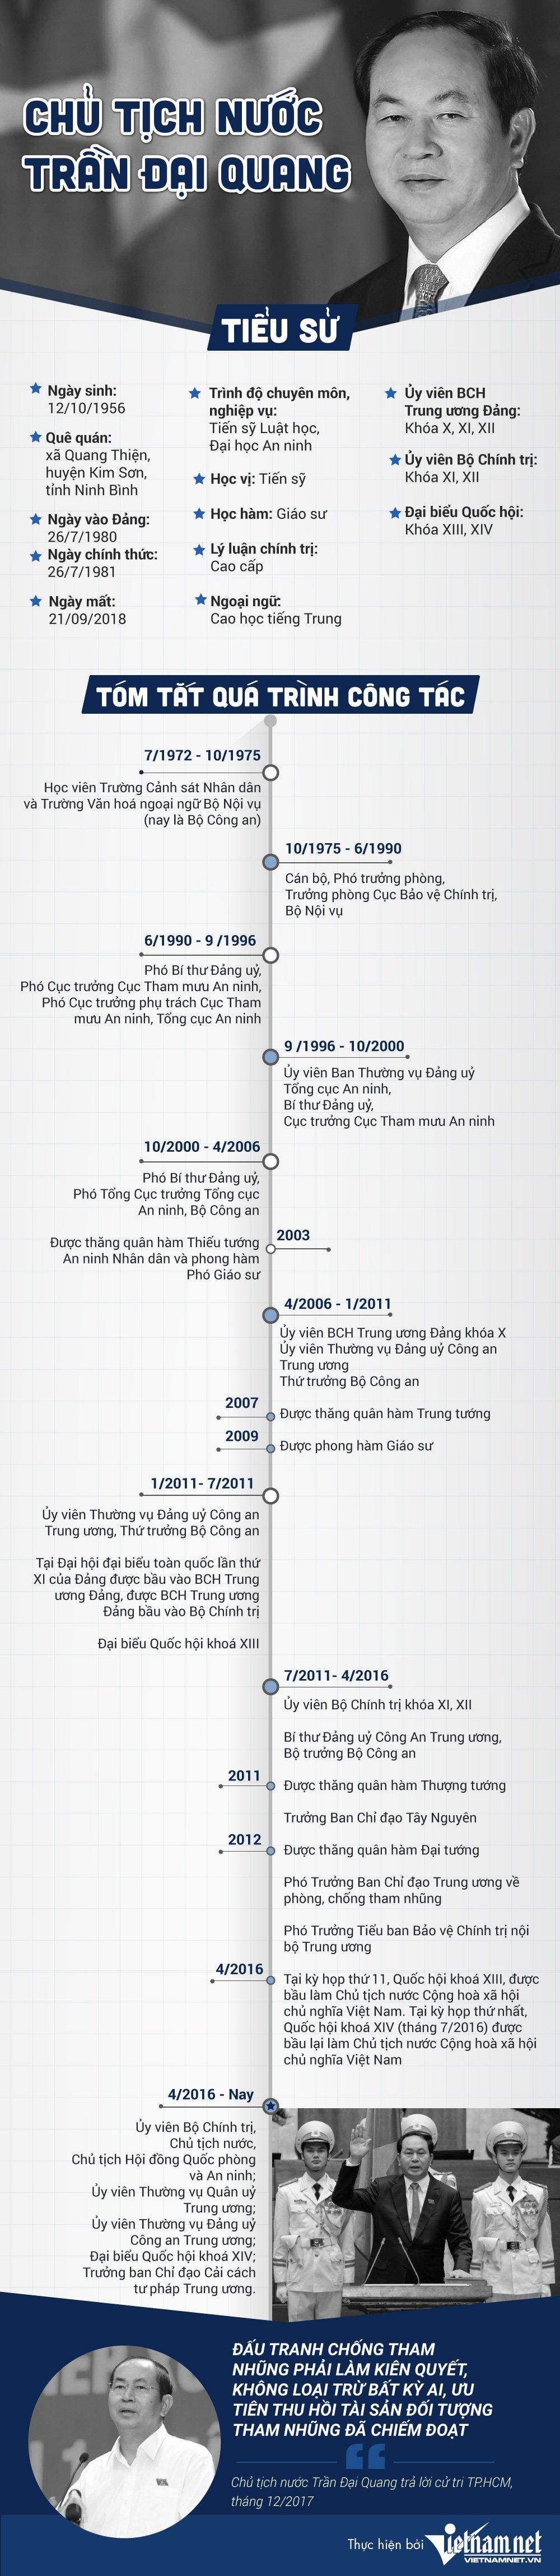 Chủ tịch nước Trần Đại Quang: Những dấu mốc cuộc đời-1